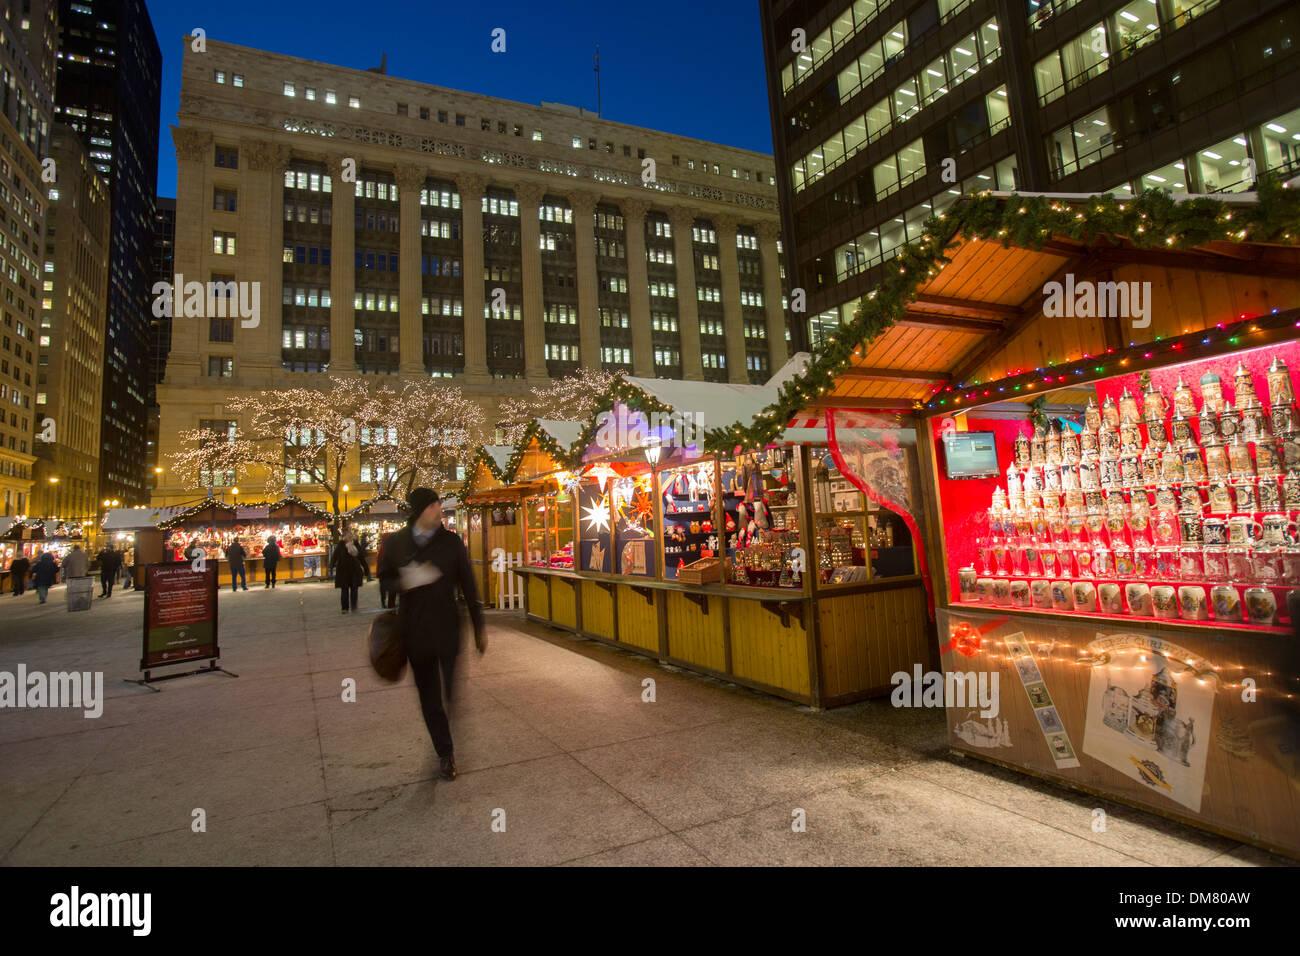 german winter festival